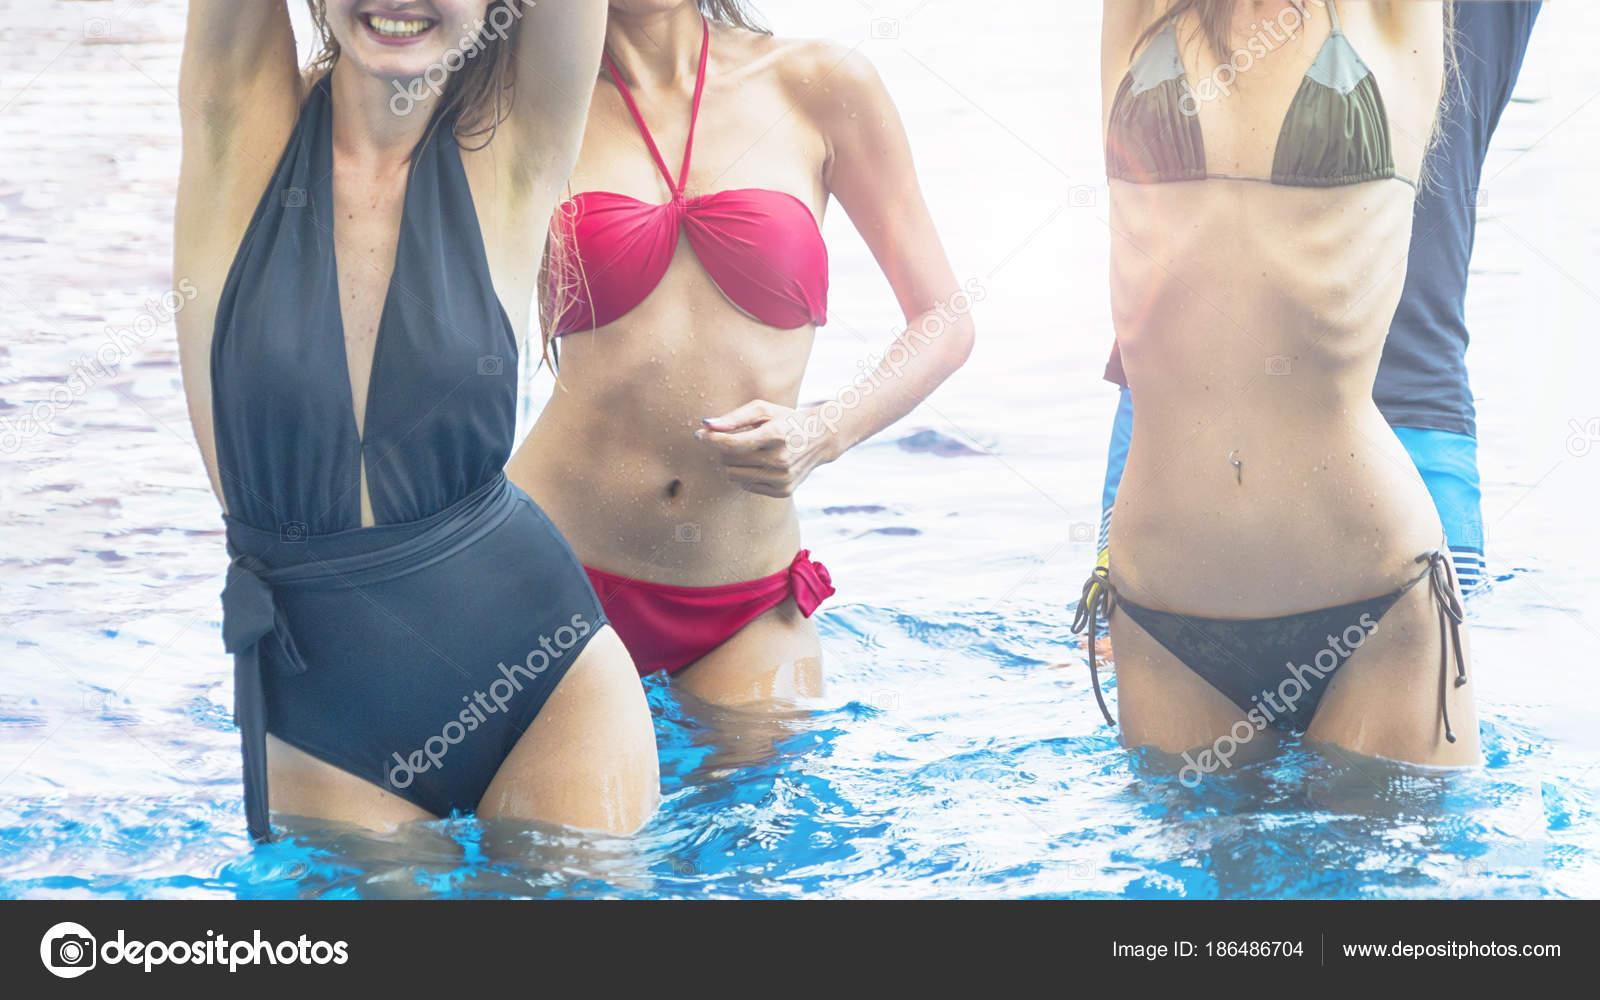 Stáhněte si tento bezplatný obrázek o Bikini Model Žena z rozsáhlé knihovny společností Pixabay, která obsahuje obrázky a videa z veřejných domén.